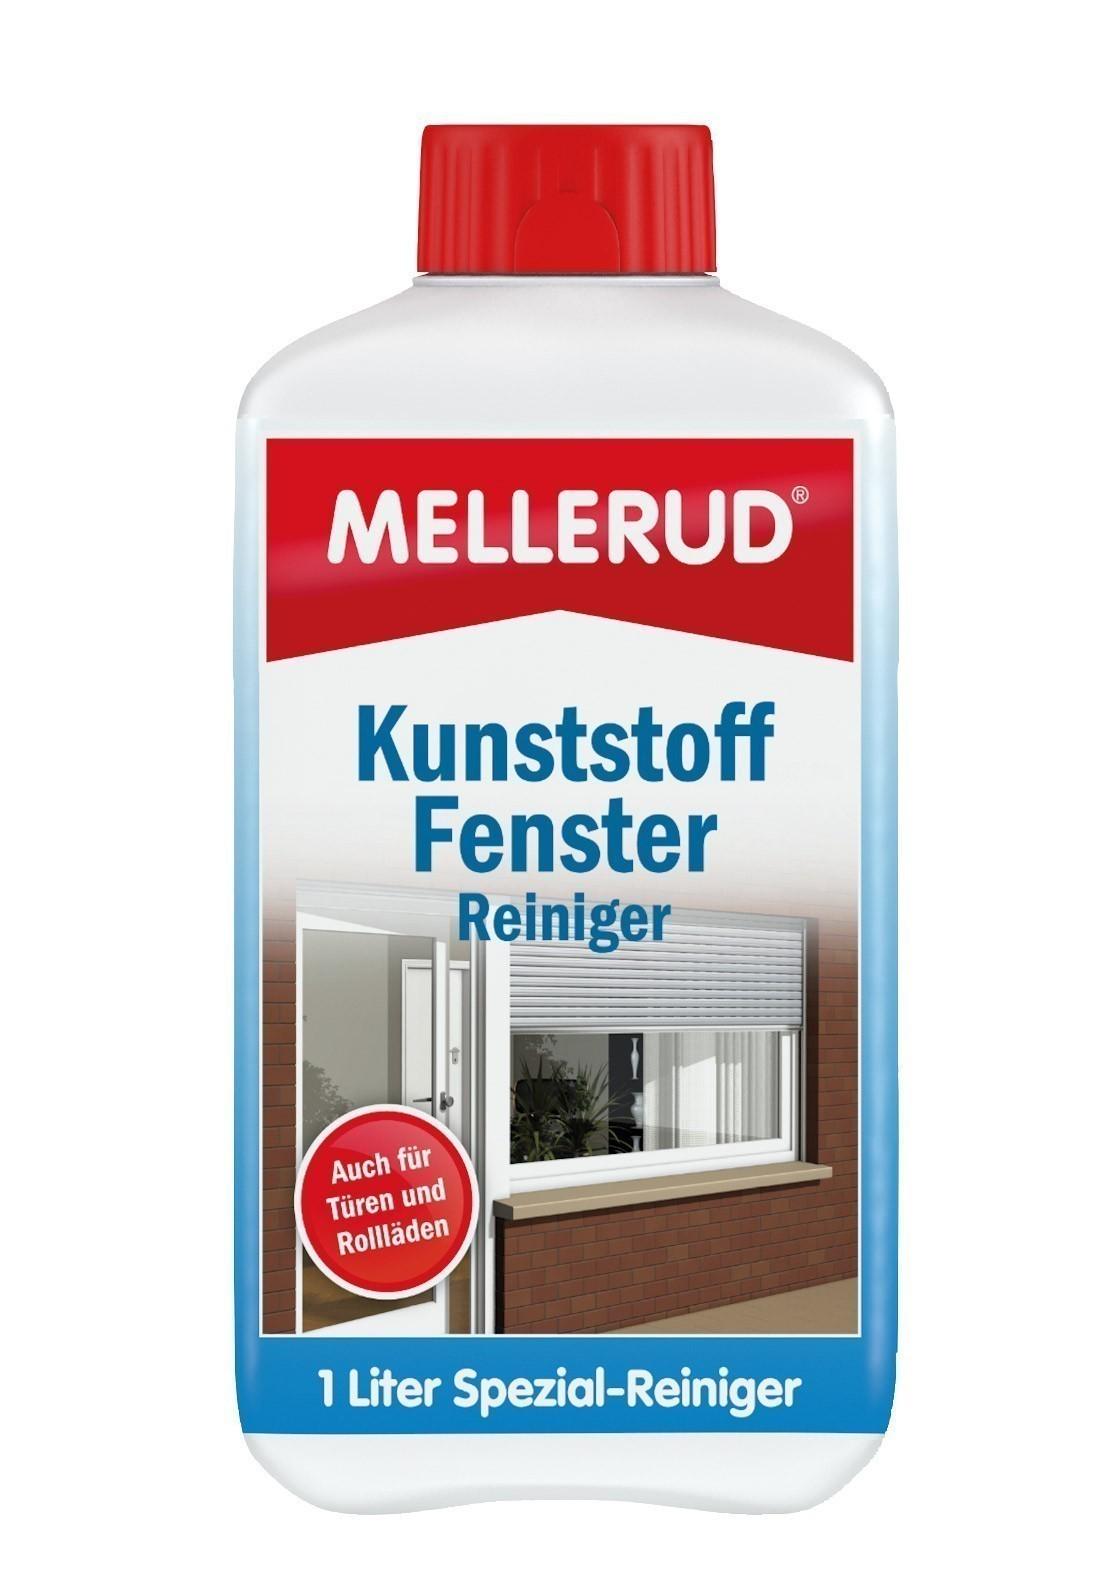 MELLERUD Kunststoff Fenster Reiniger 1,0 Liter Bild 1